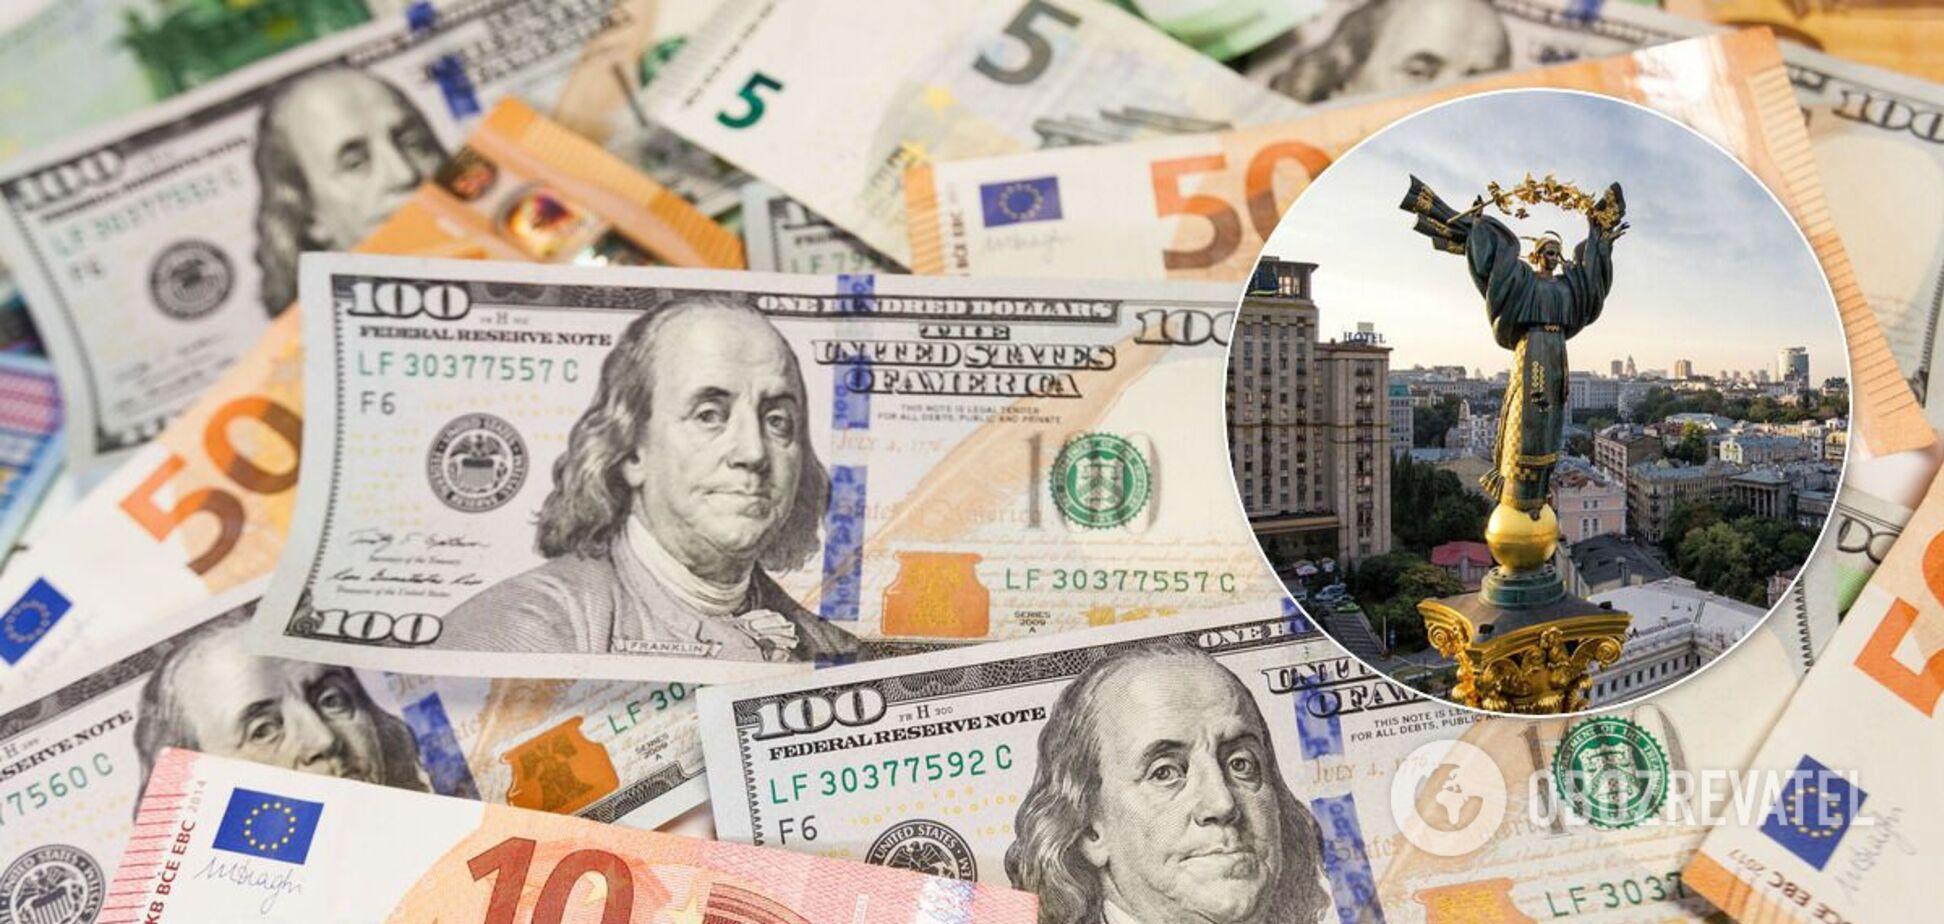 Каждый украинец должен по $2036: в Минфине отчитались о росте госдолга